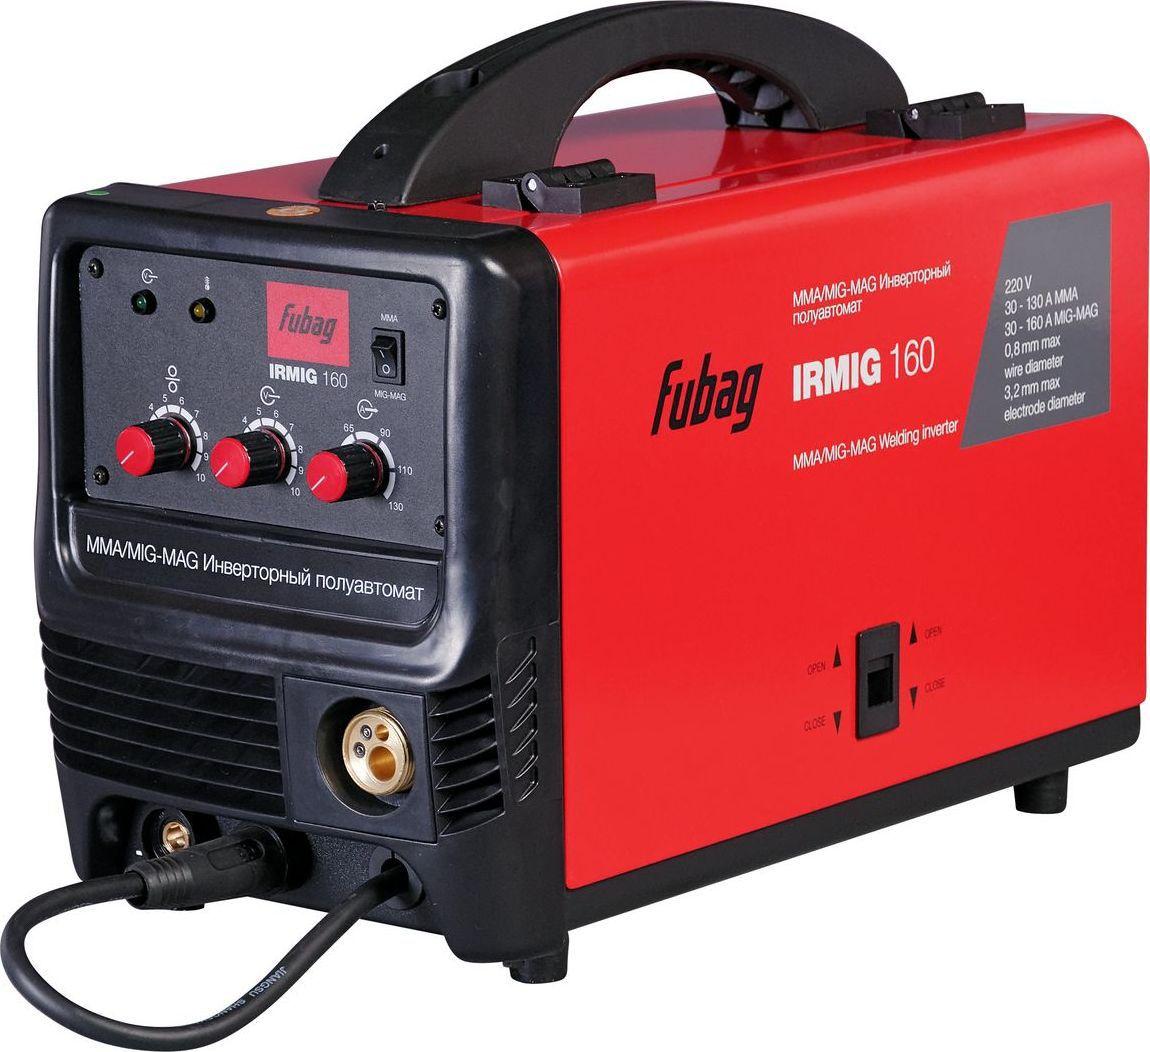 Сварочный полуавтомат-инвертор Fubag Irmig 160 сварочный полуавтомат fubag irmig 160 38607 горелка fb 150 3 м инвертор